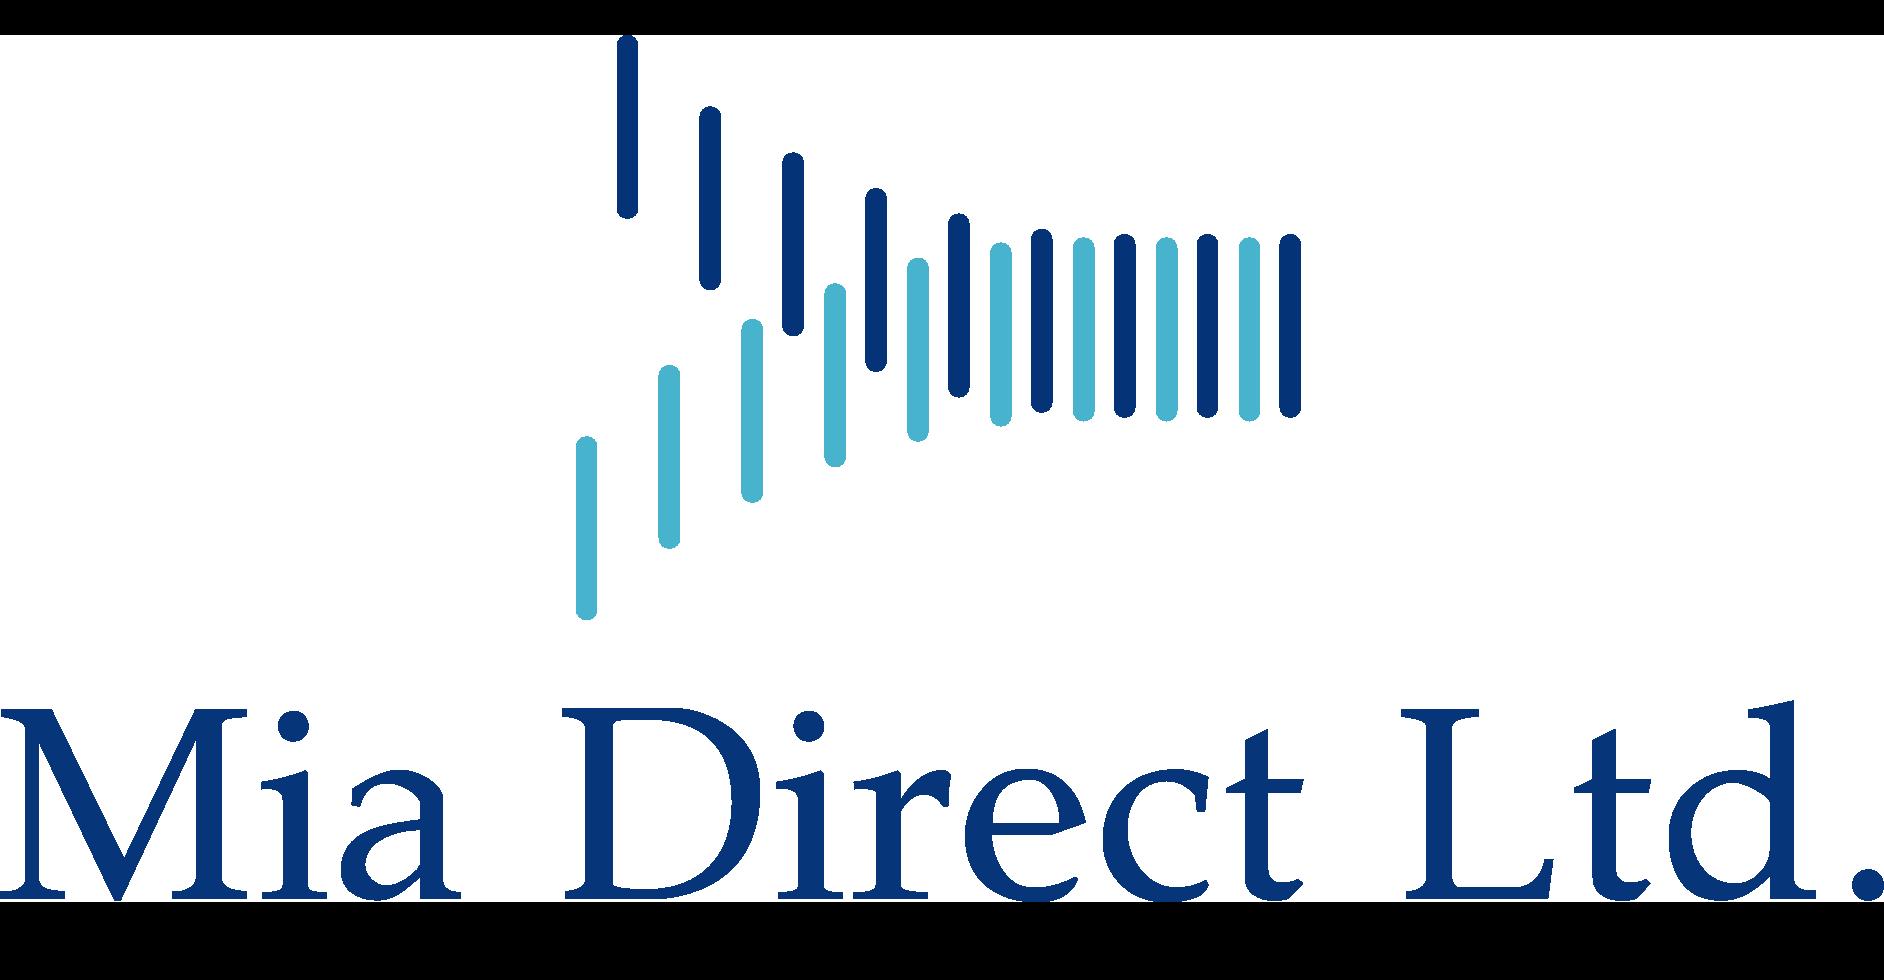 Mia Direct